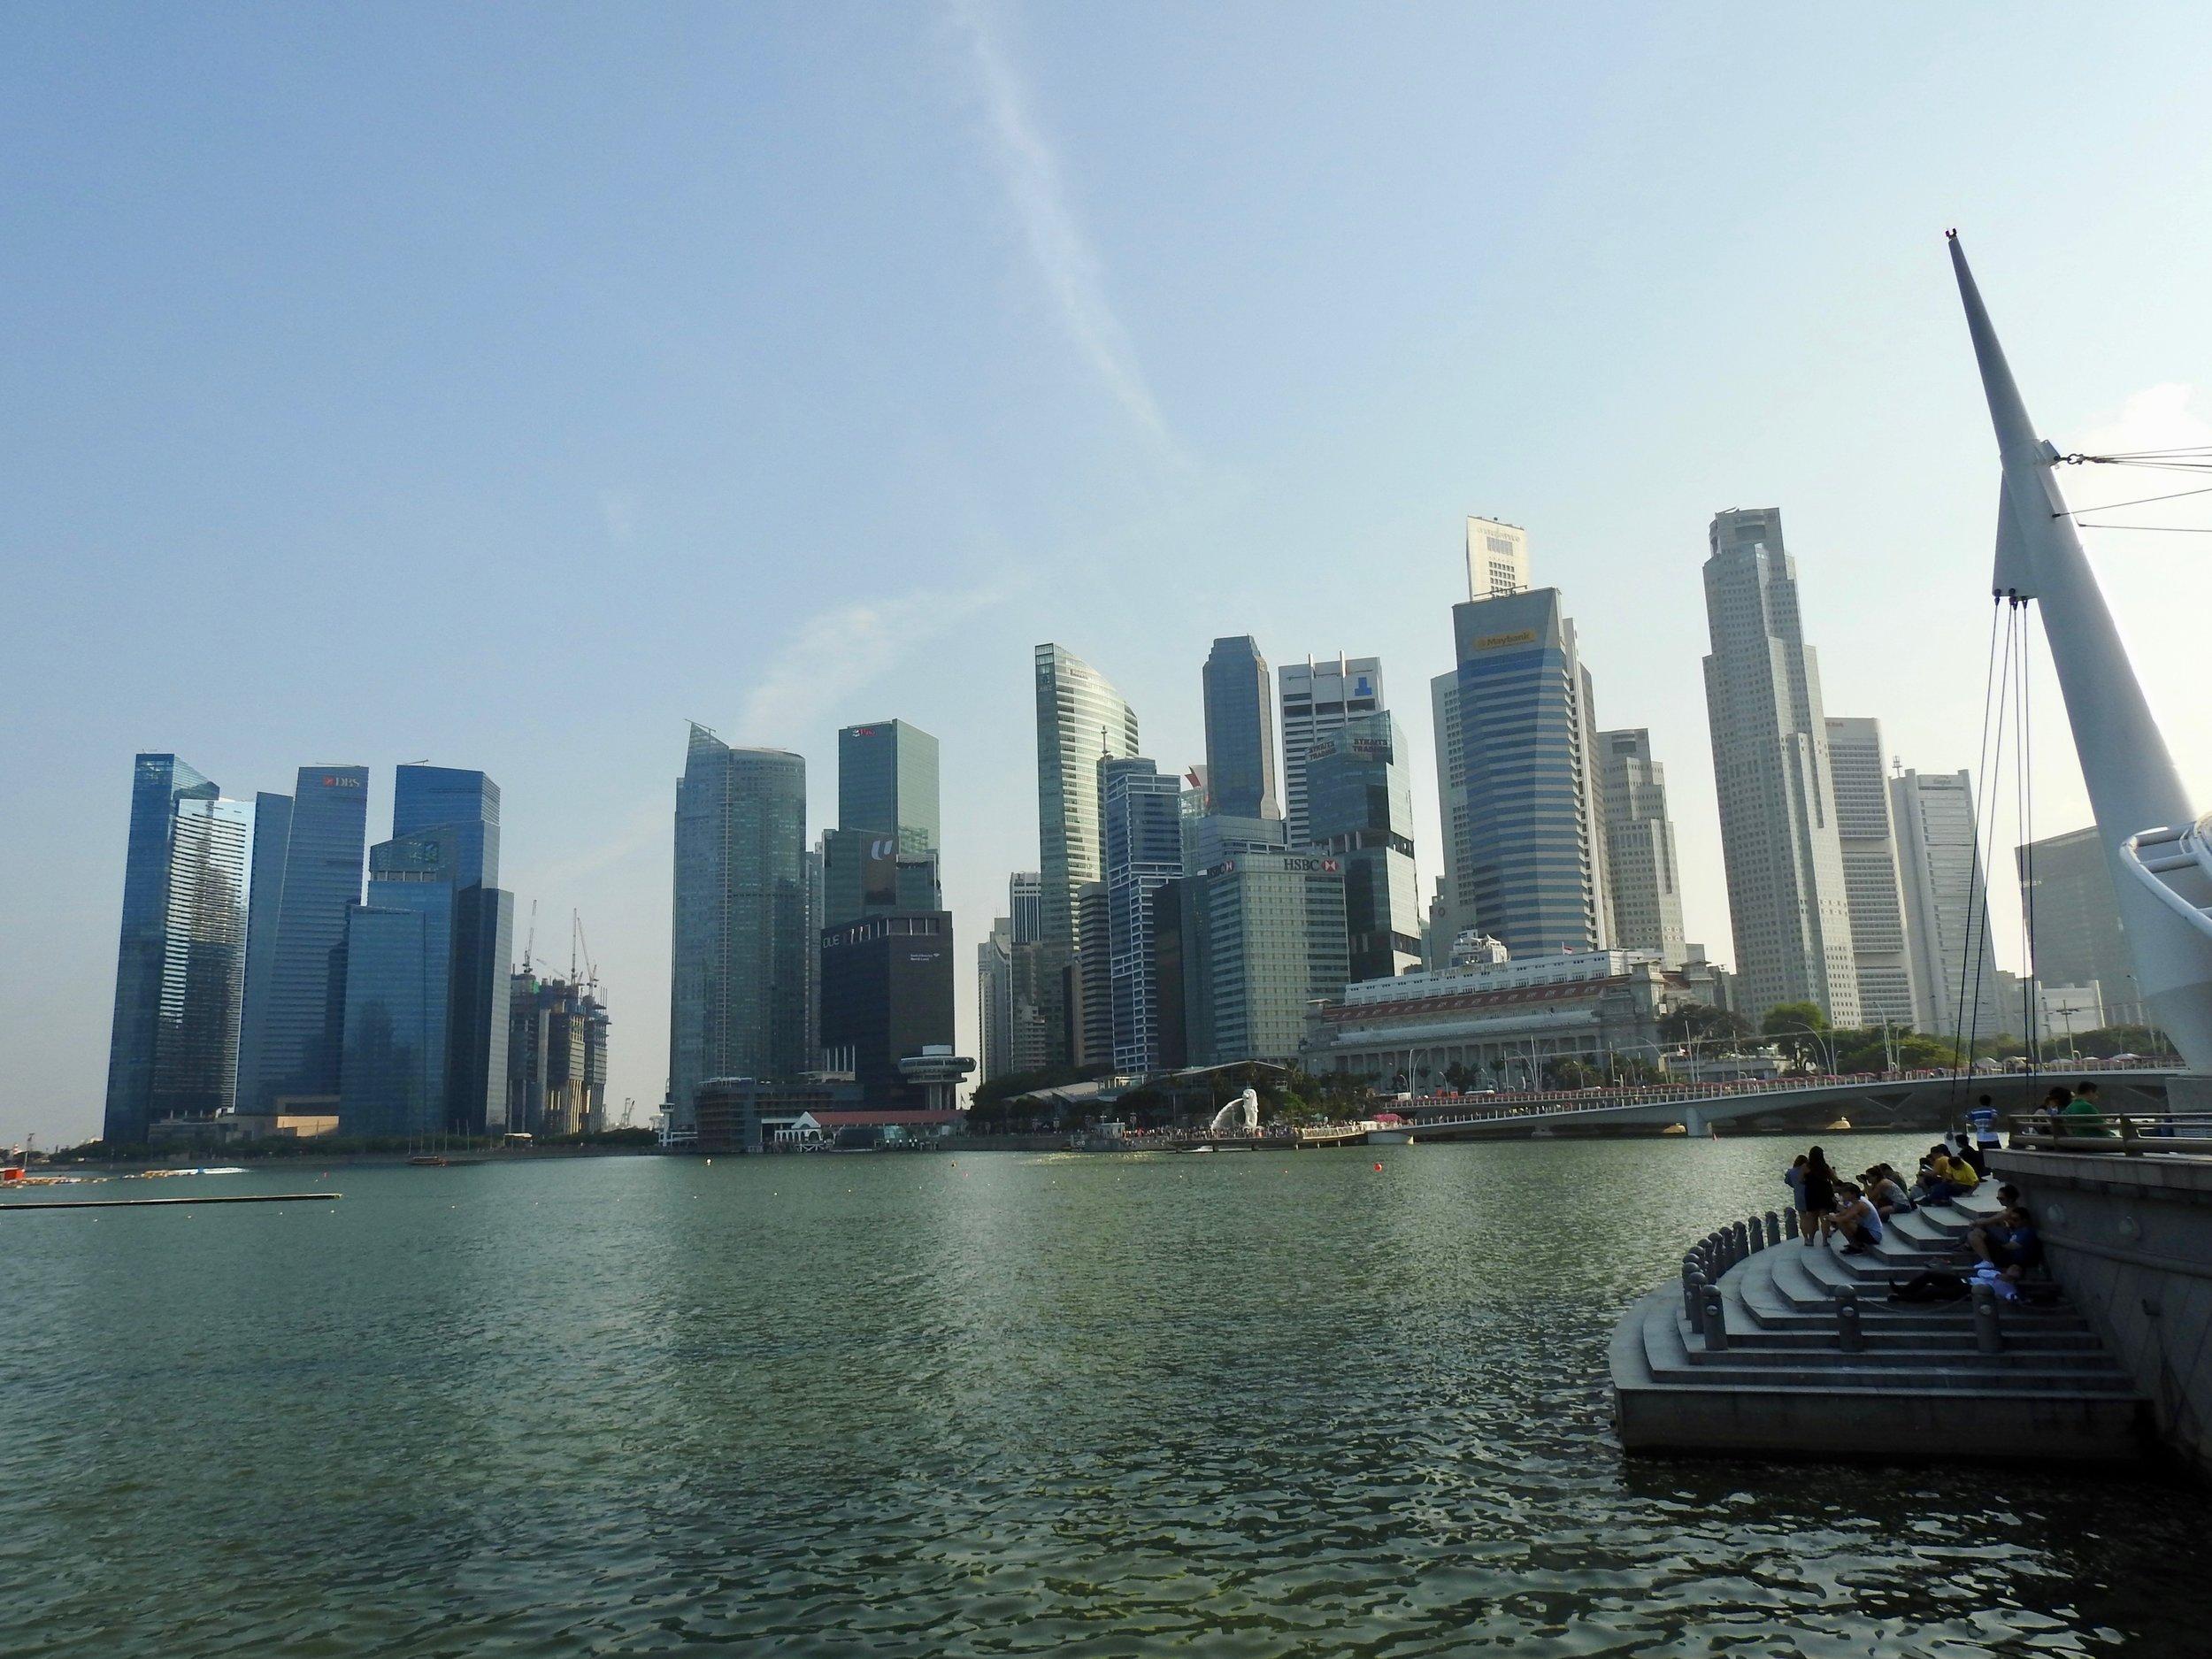 Singapore skyline. Photo: (C) Remko Tanis